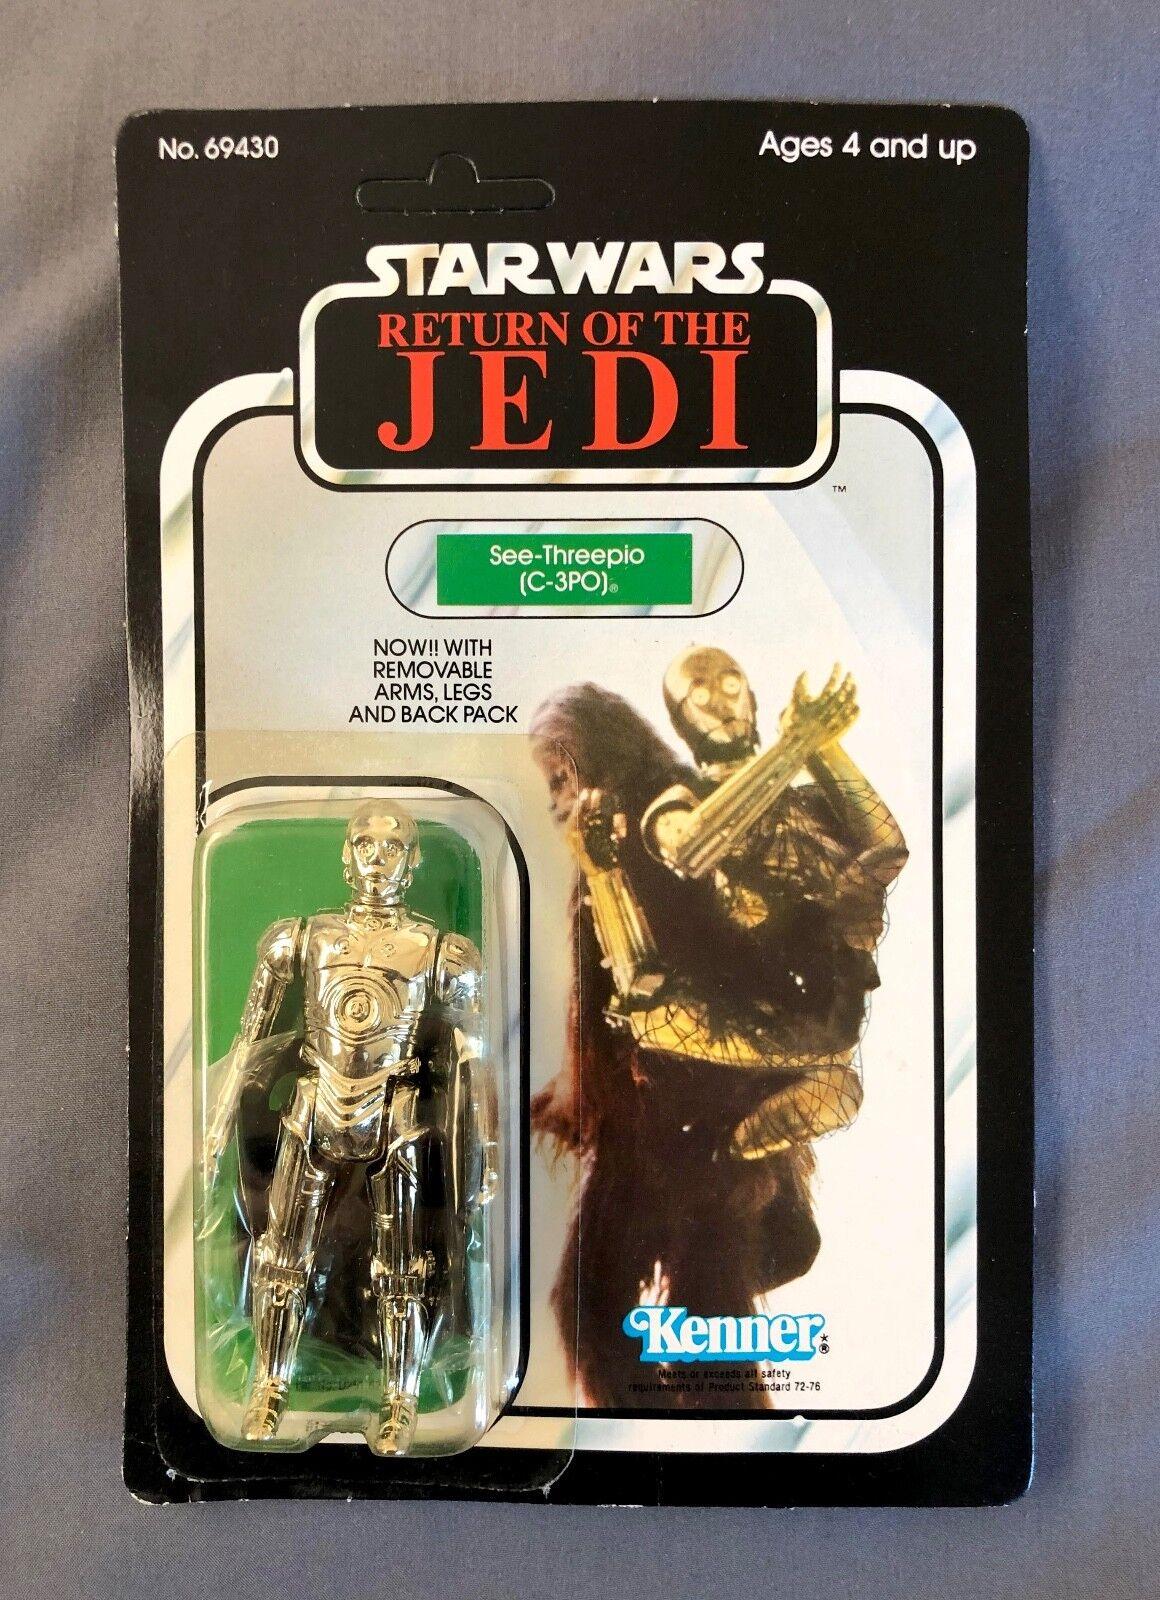 Star Wars Return of the Jedi C-3PO figure